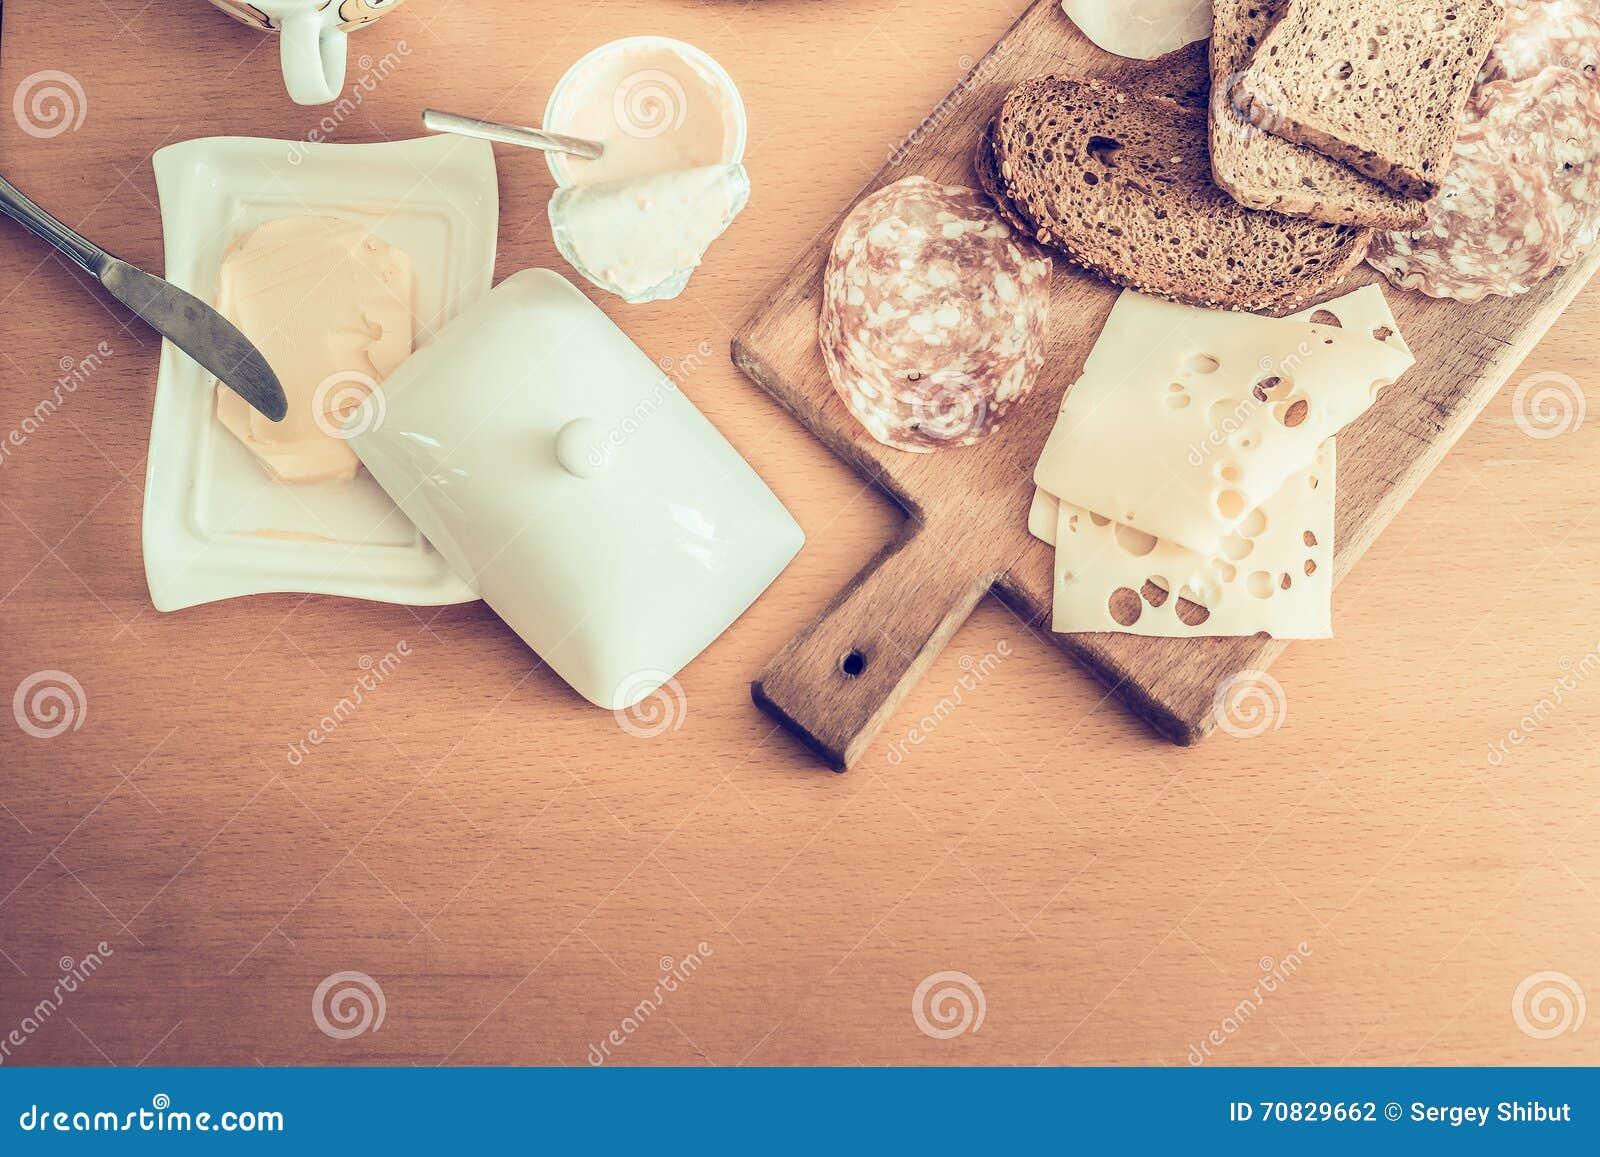 Θρεπτικό πρόγευμα, συστατικά για την κατασκευή των σάντουιτς με το σαλάμι, το βούτυρο και το τυρί, γιαούρτι σε μια ξύλινη άποψη ε